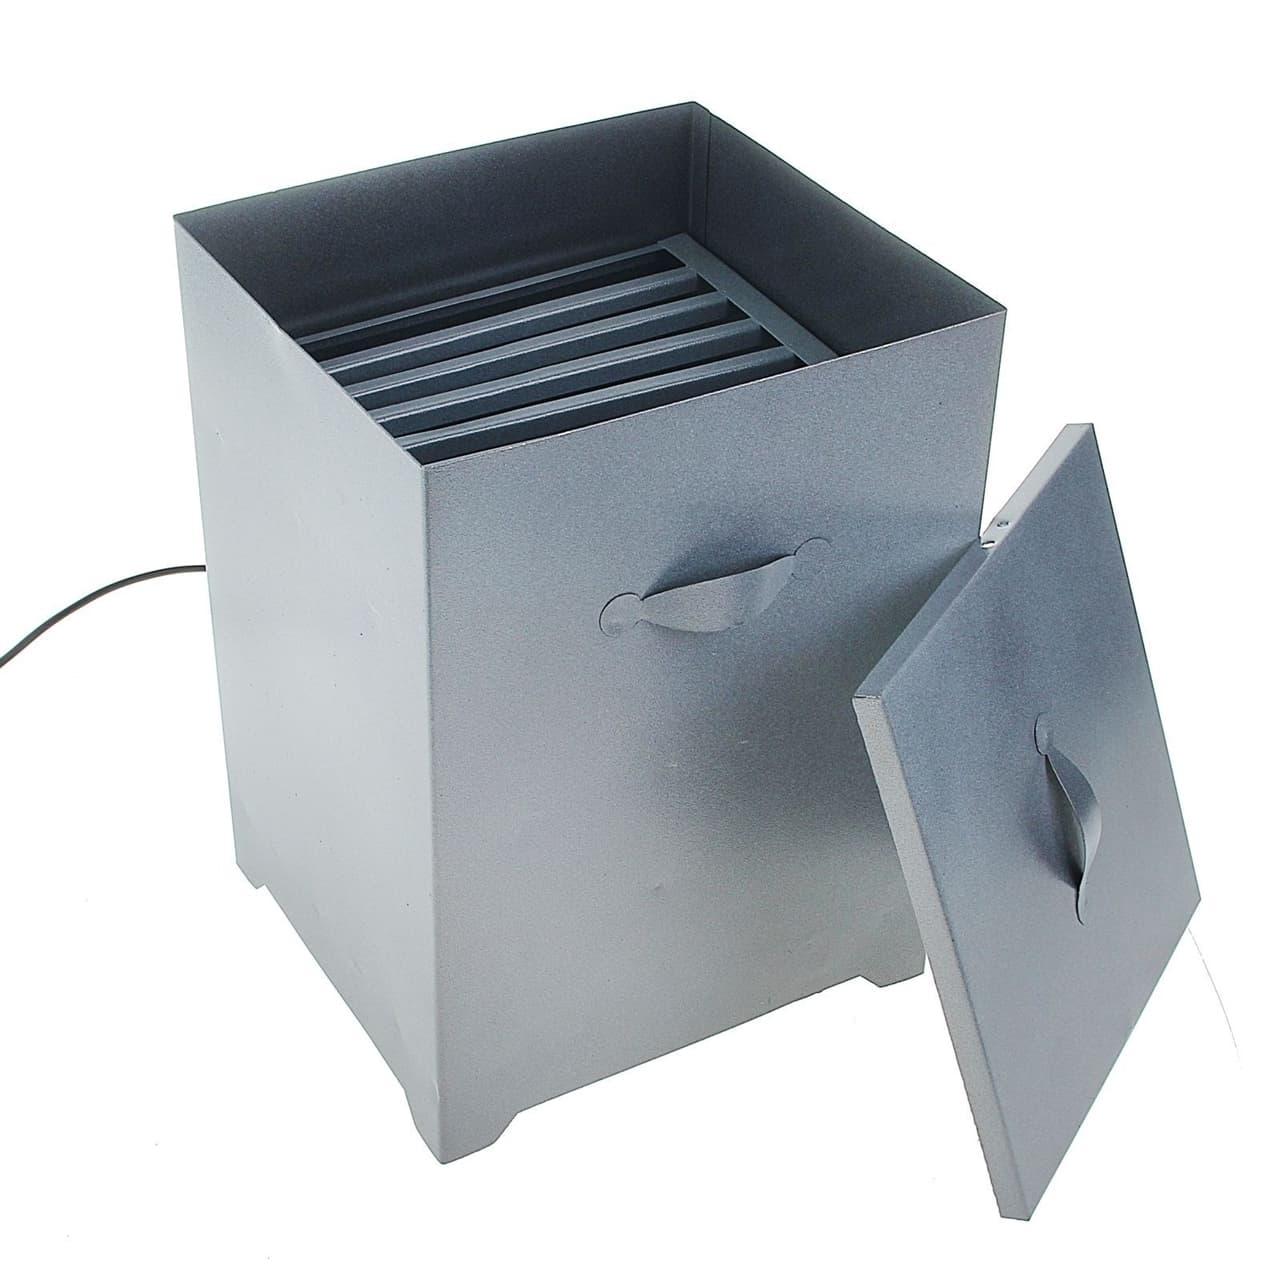 Коптильня двухуровневая электрическая Электромаш - фото 5046